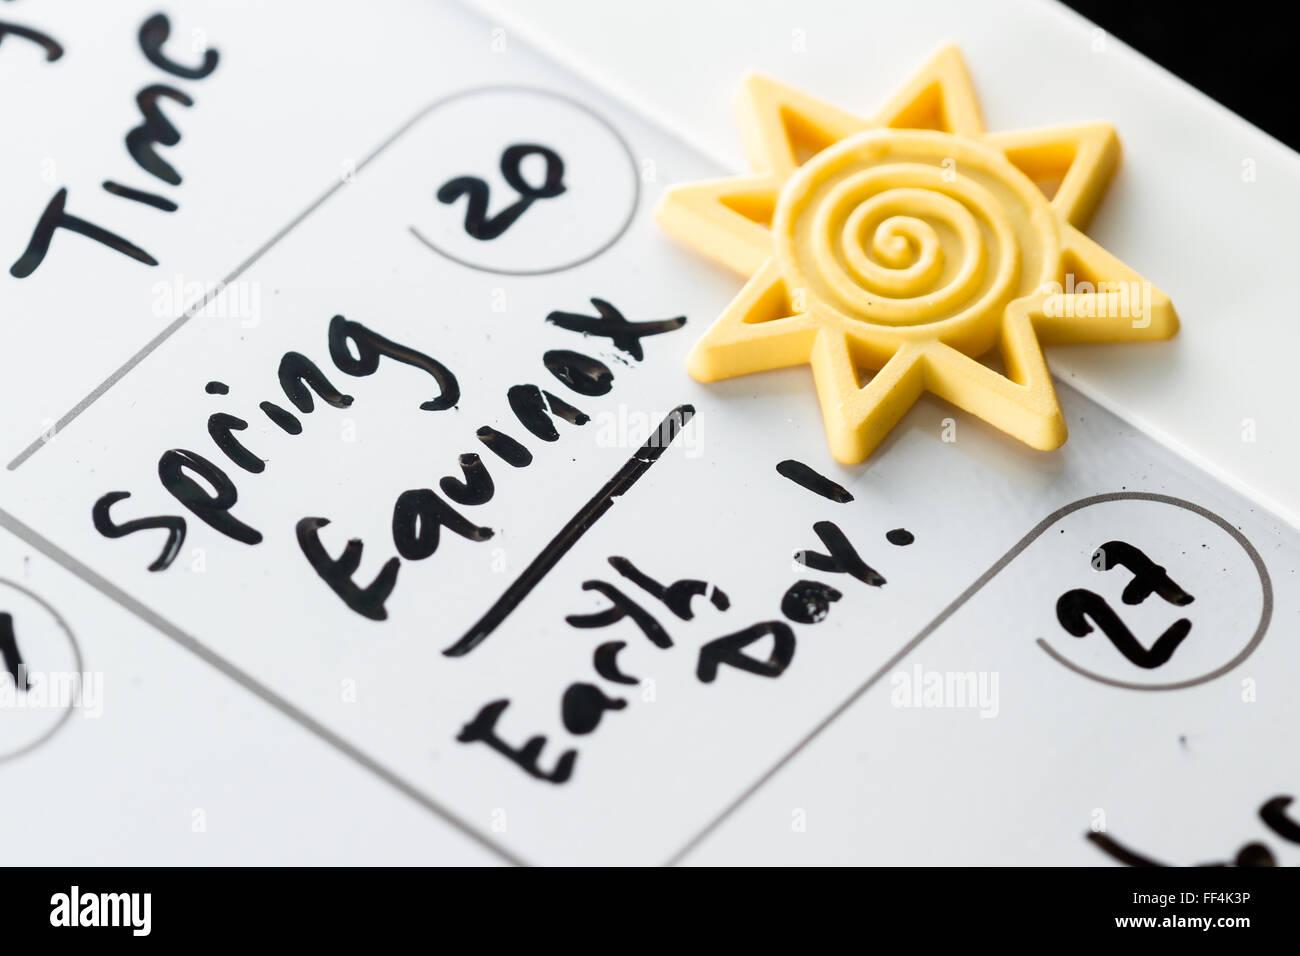 20 mars marqué sur un calendrier que l'équinoxe du printemps et aussi la Journée de la Terre Photo Stock